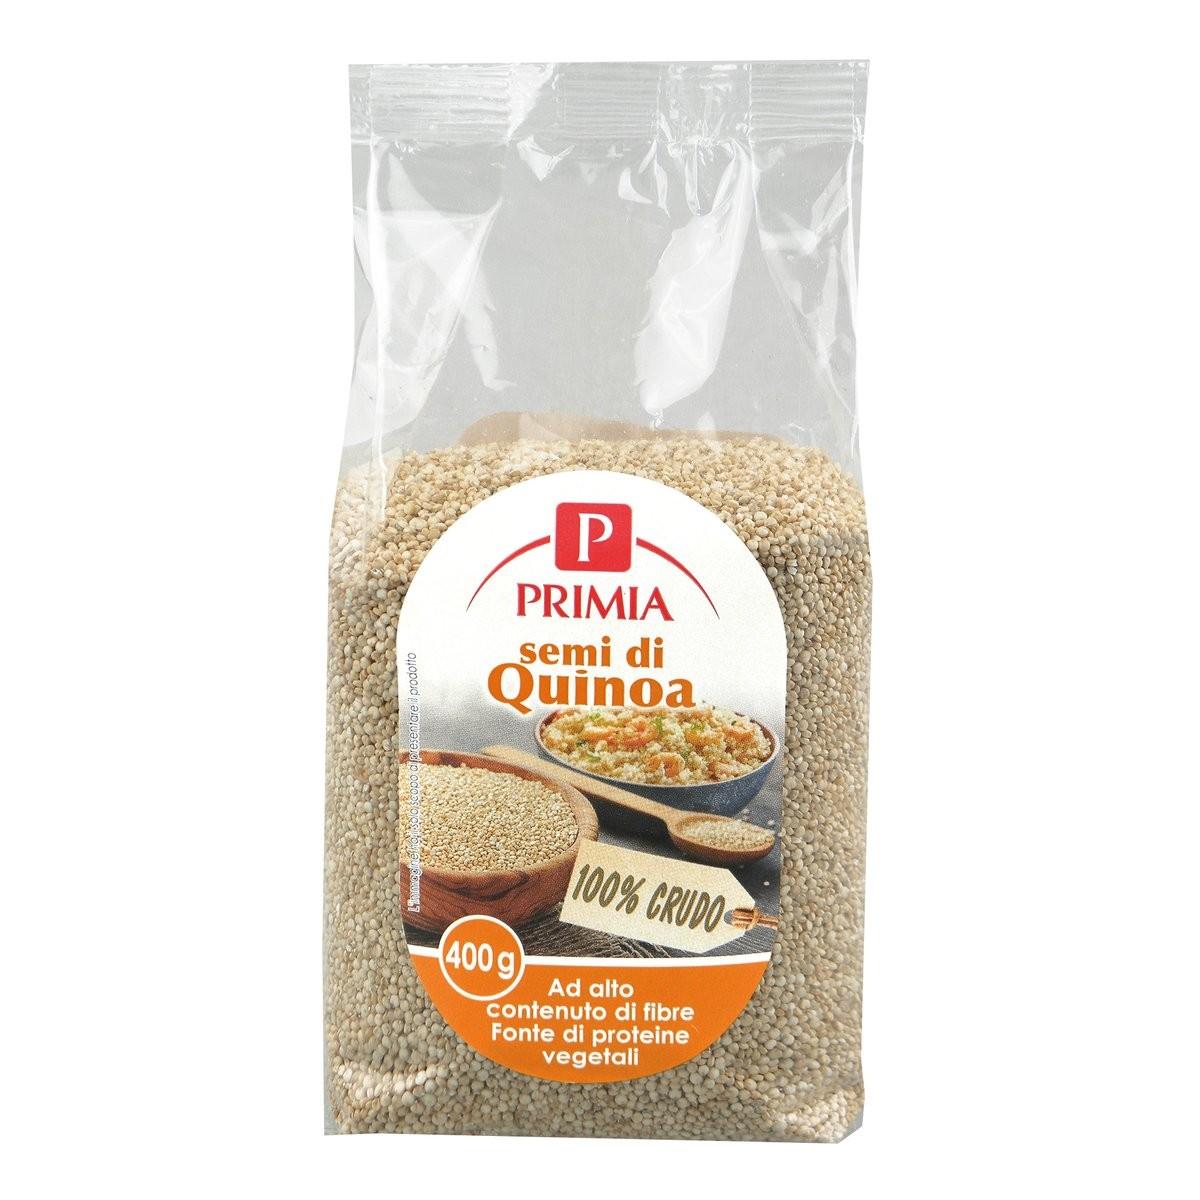 Primia Semi di quinoa